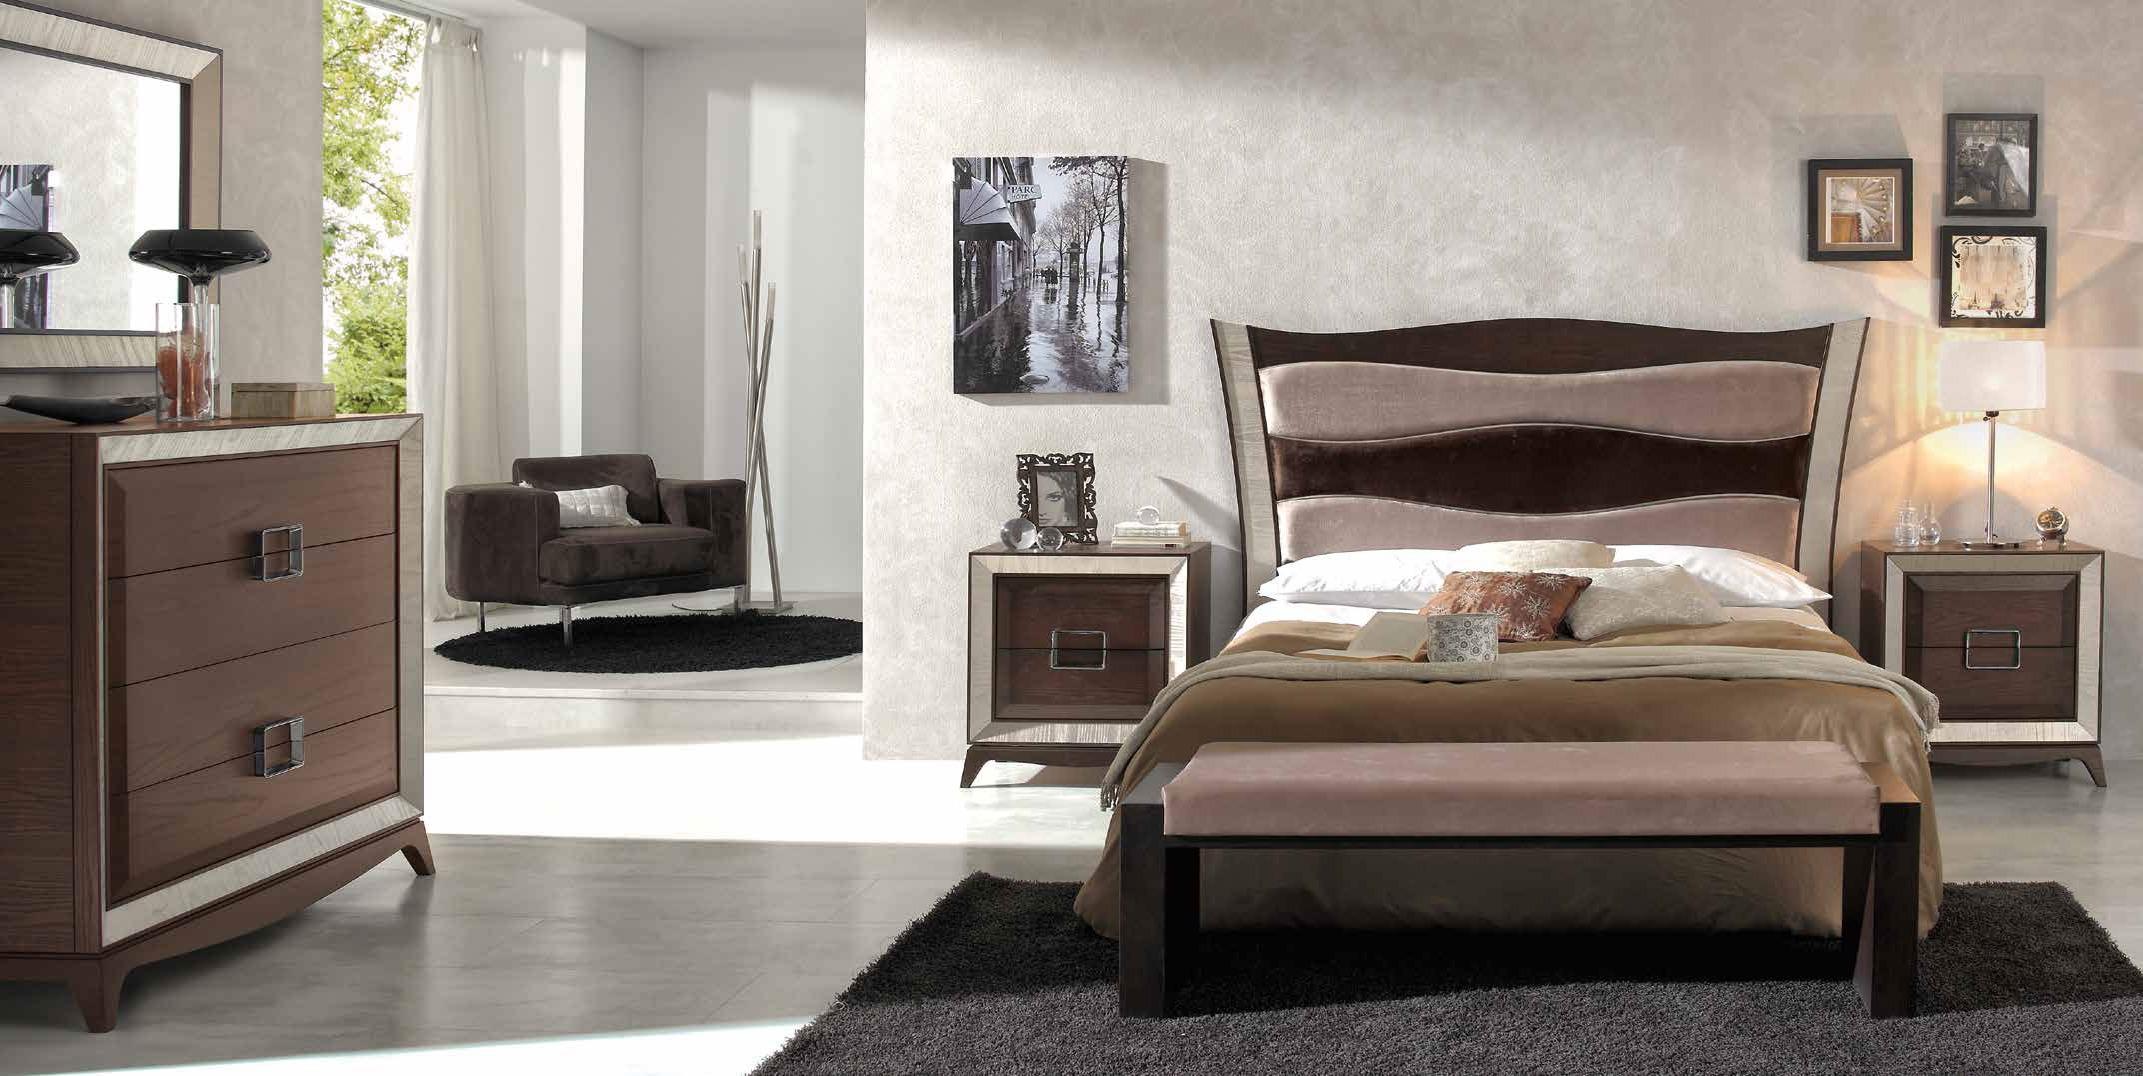 touch-dormitorio-eolo-02